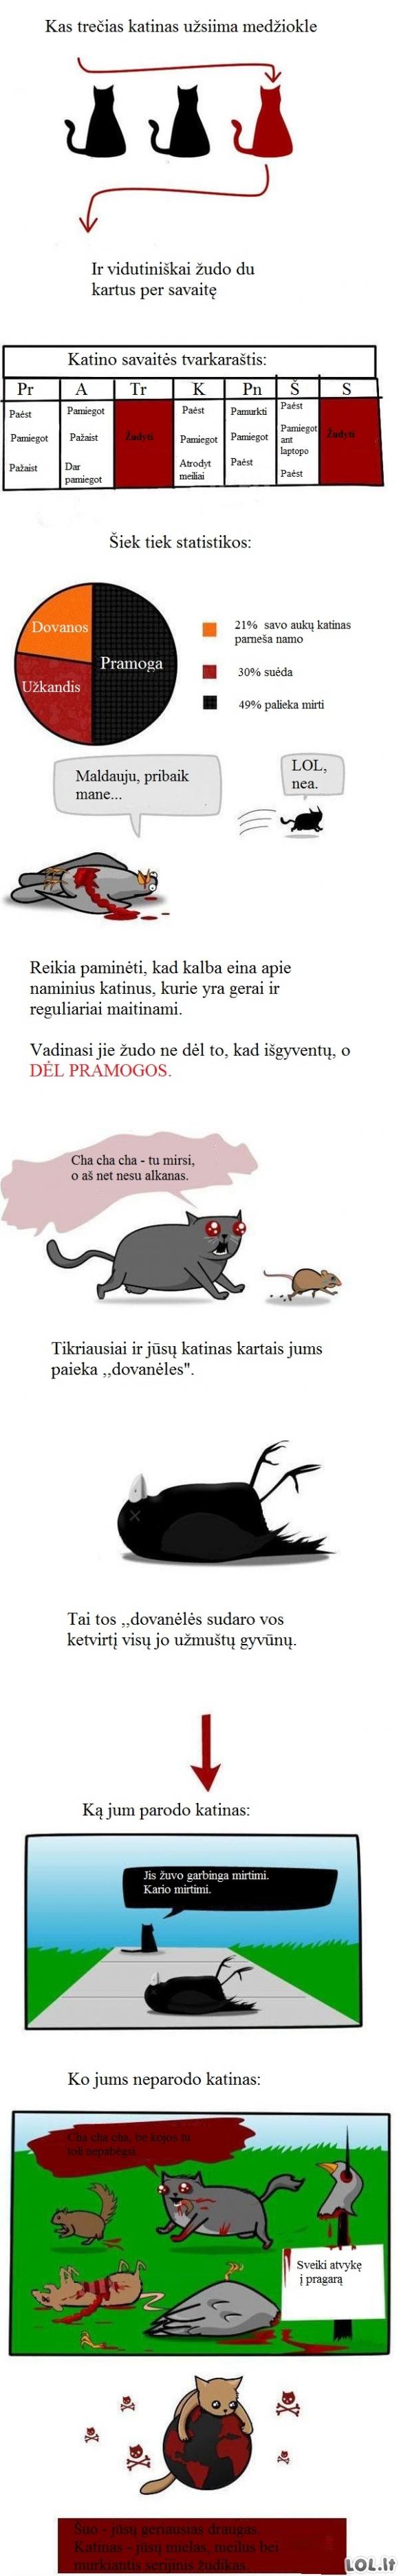 Kraupi tiesa apie katinus